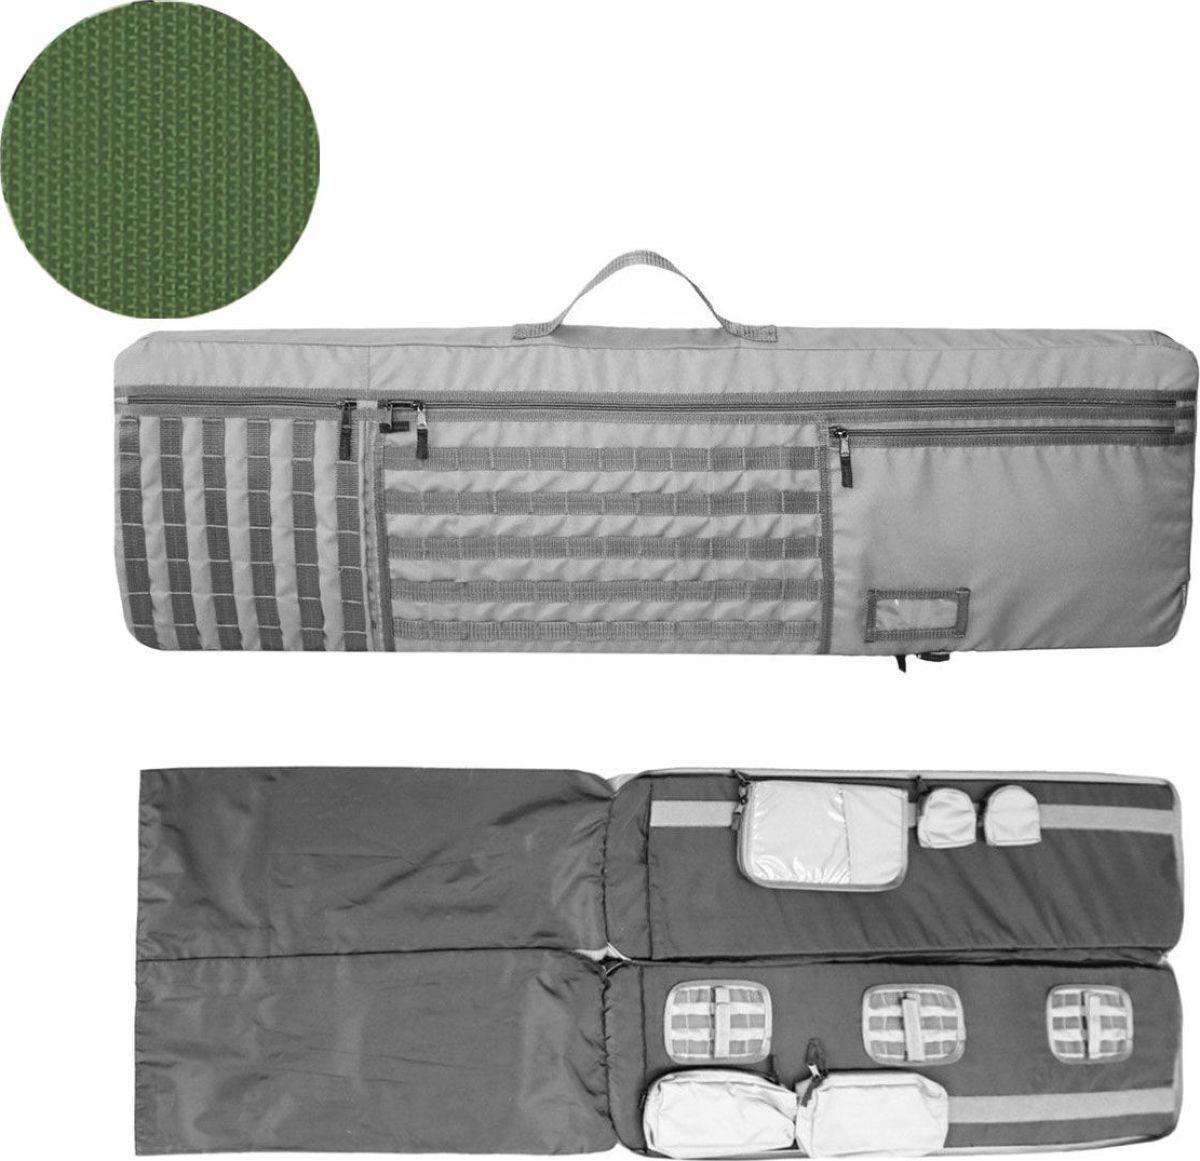 Чехол для оружия Tplus, 1200 х 350 х 50 мм, цвет: темно-зеленый